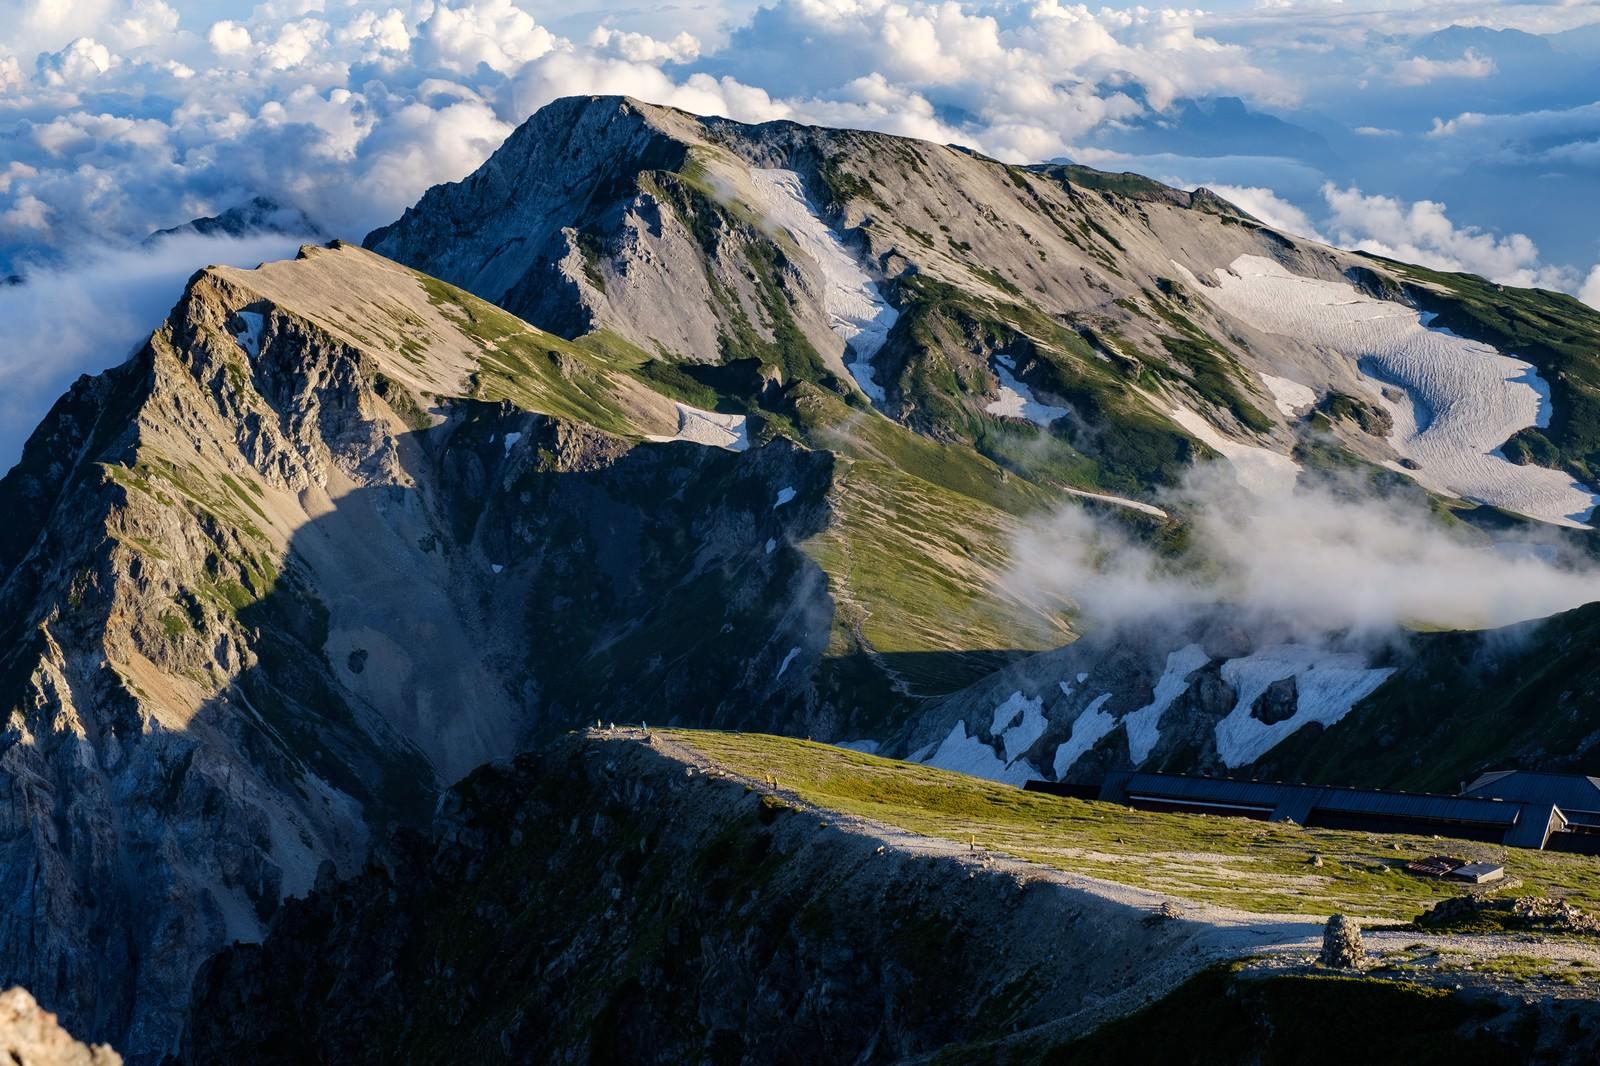 「杓子岳と白馬槍ヶ岳」の写真